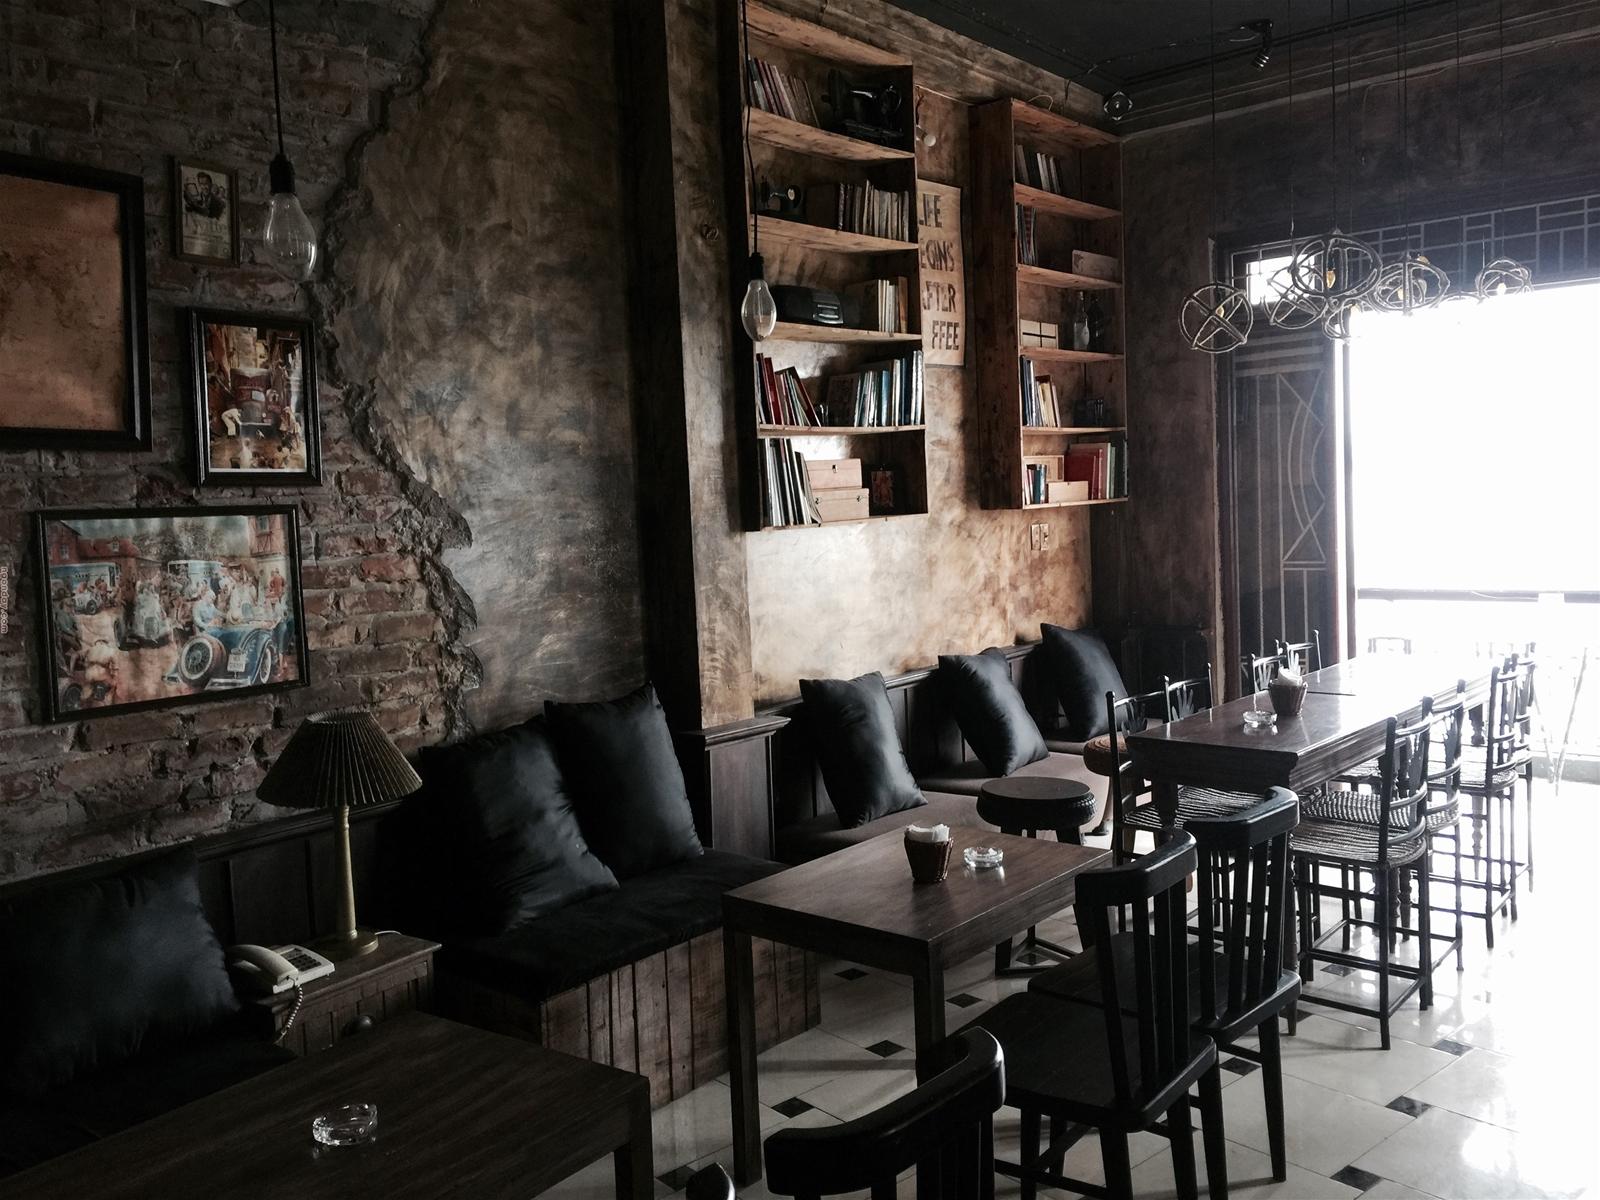 Top 5 Cách Trang Trí Tường Quán Cafe Đơn Giản, Đẹp Và Tiết Kiệm Nhất 3